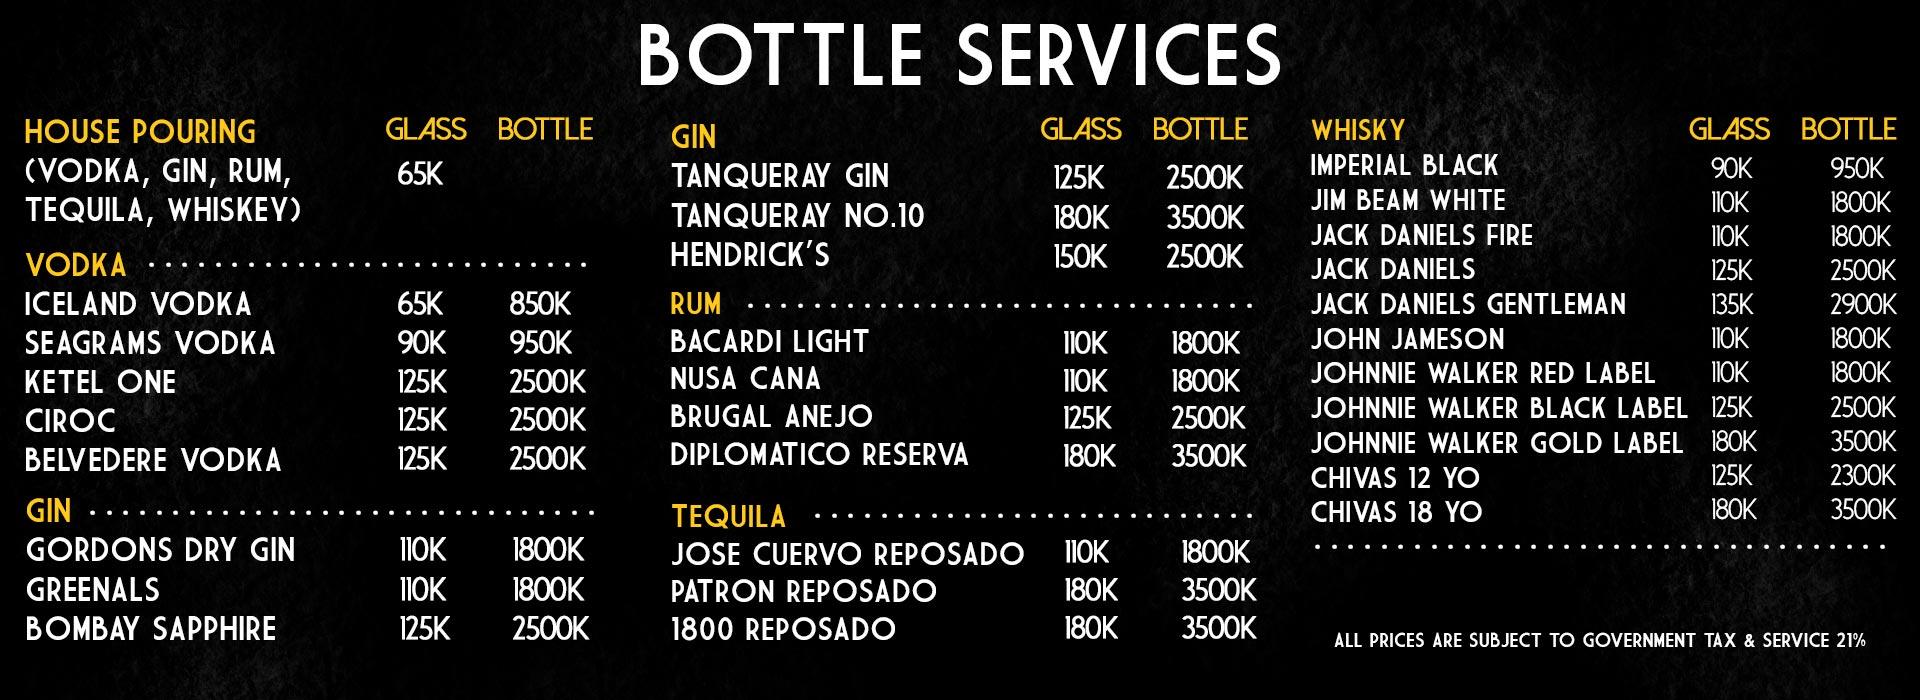 bottle services web